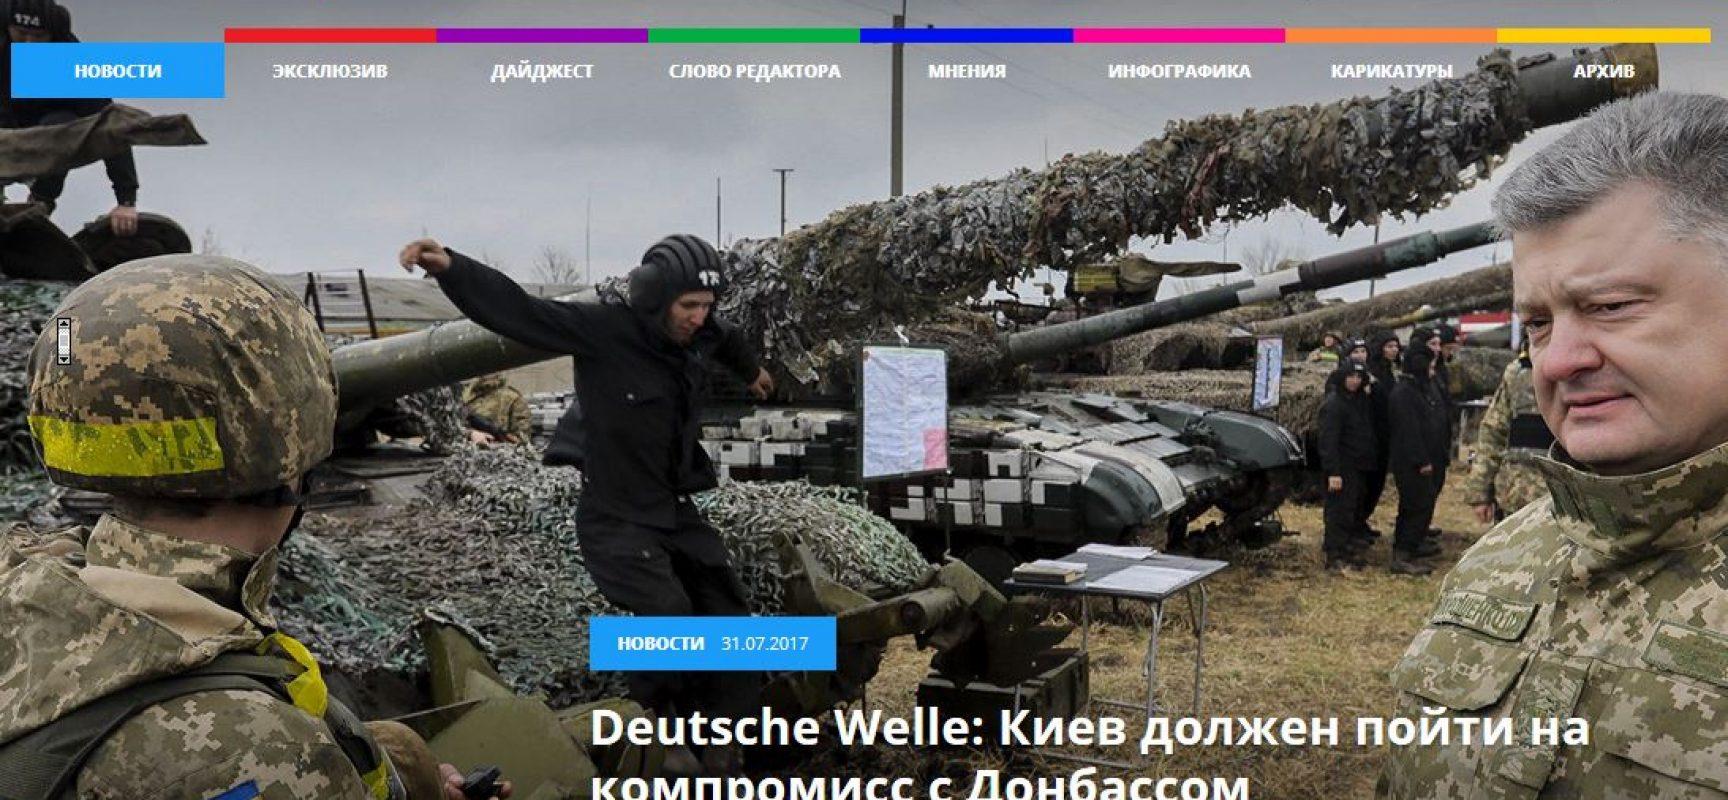 Fake: Deutsche Welle sagt, Kiew muss Kompromiss mit Donbas eingehen